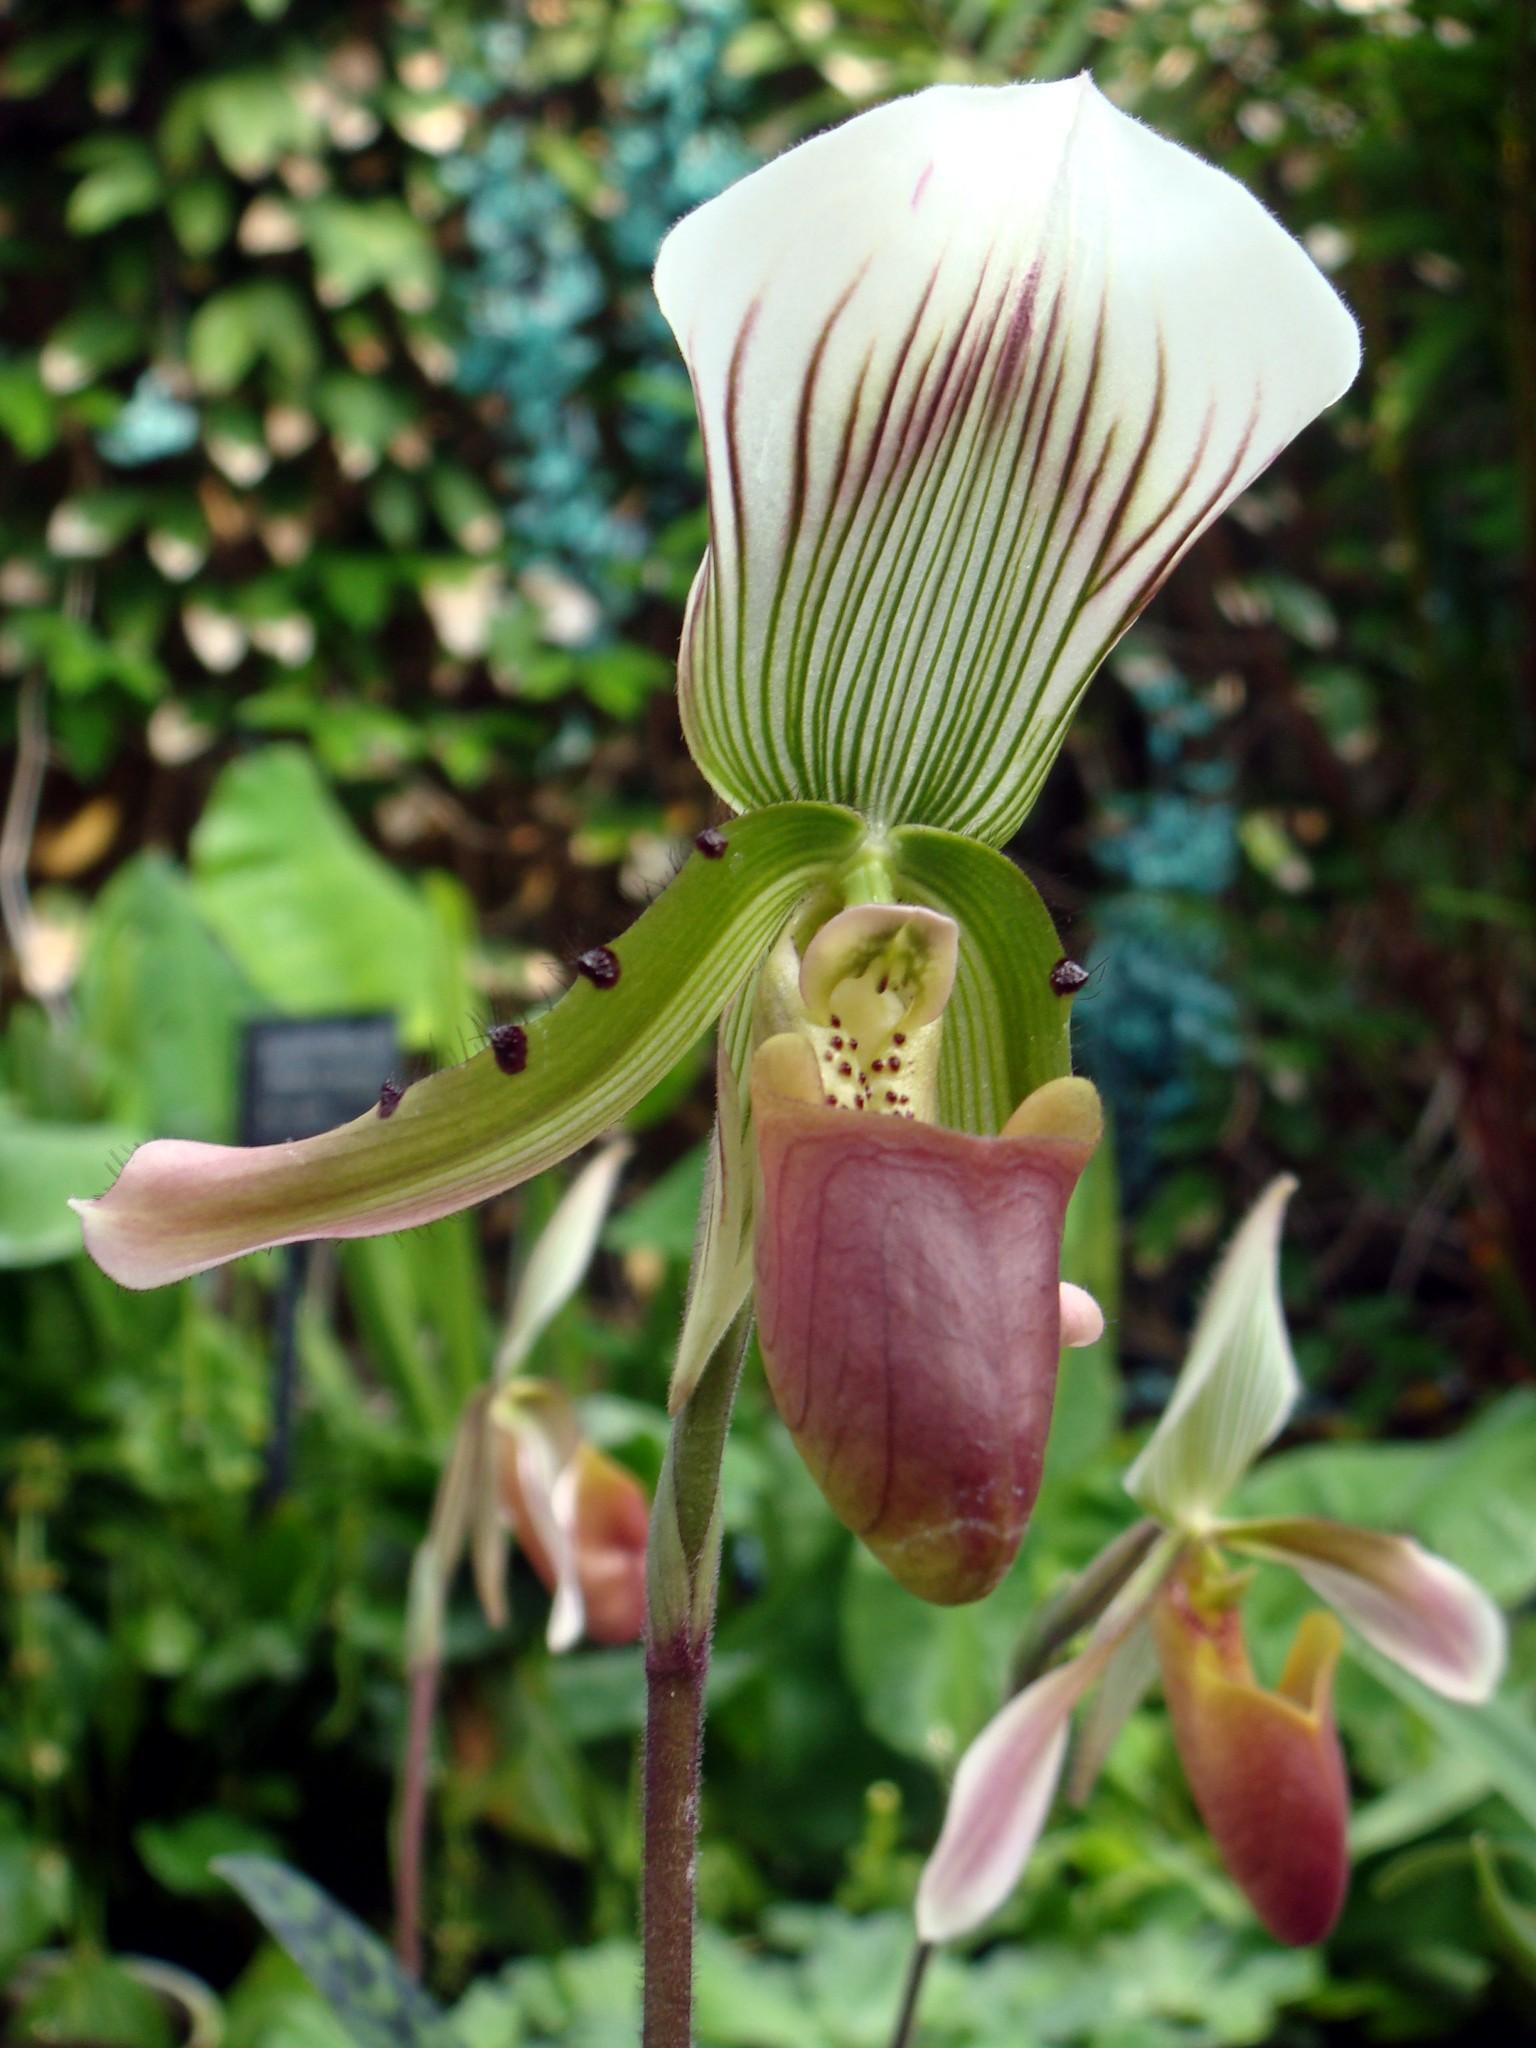 http://orchids.la.coocan.jp/Paphiopedilum/Paphiopedilum%20callosum/DSC05456.JPG